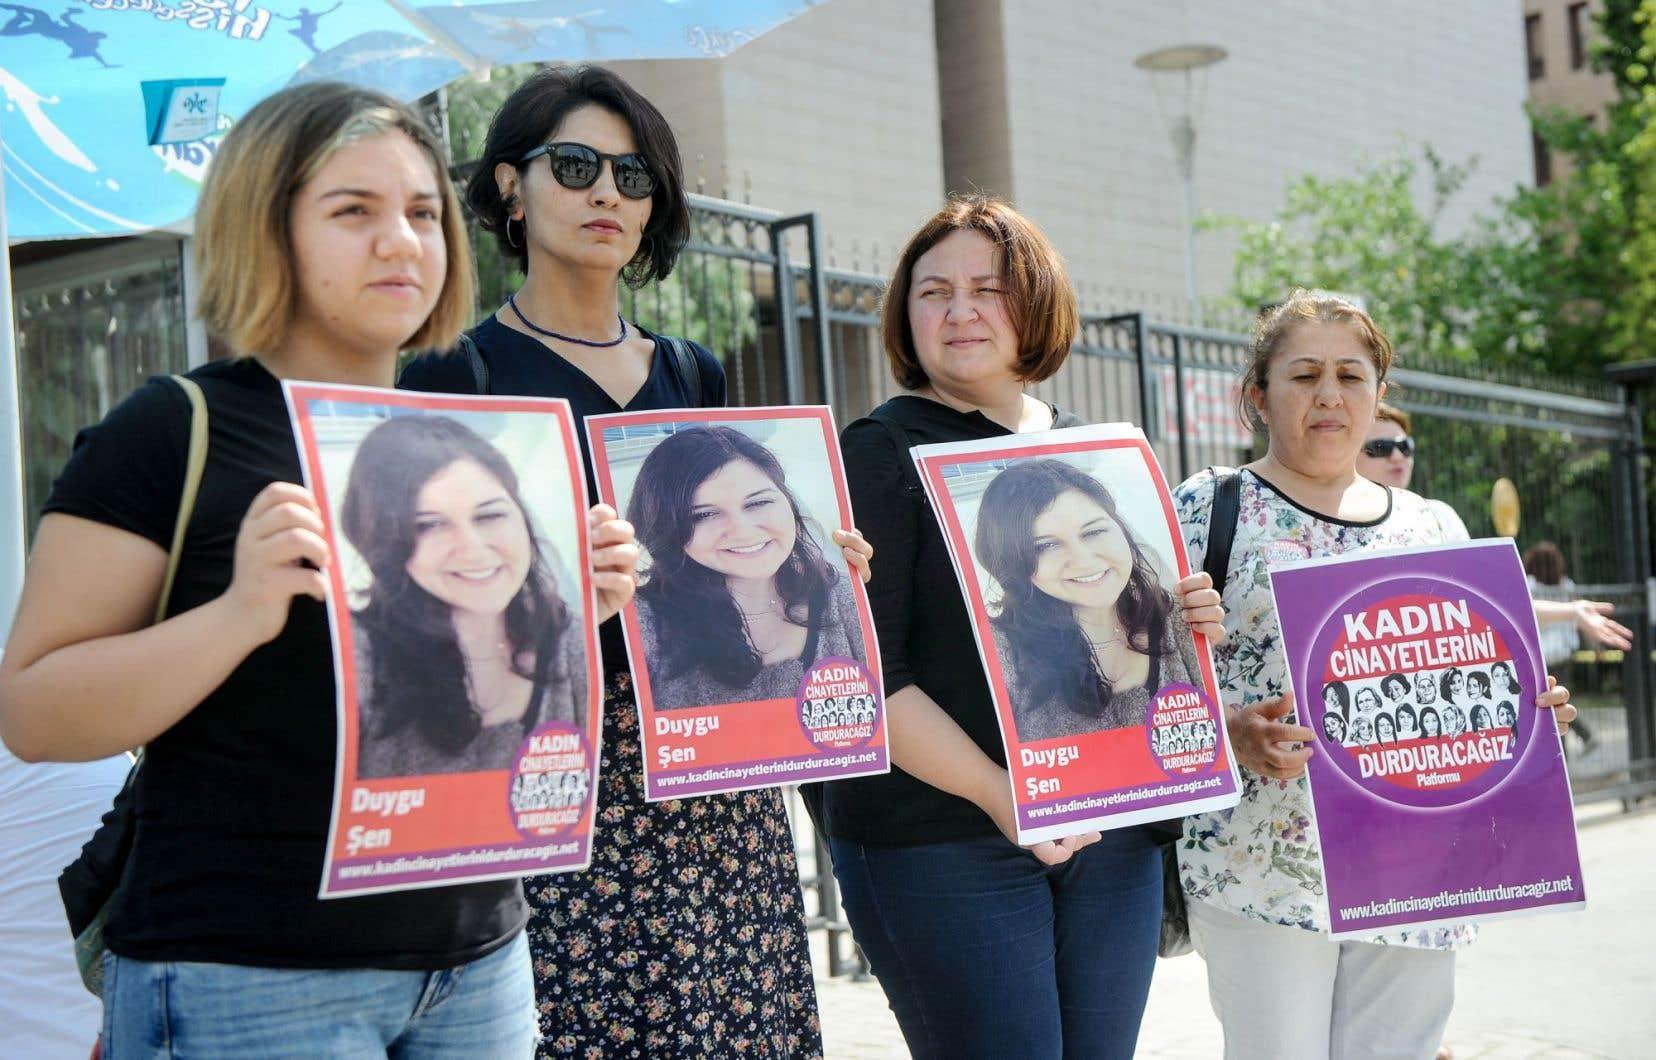 Des femmes turques montrent le portrait d'une victime durant une manifestation devant le palais de justice d'Izmir. Les journaux turcs rapportent quasiment chaque jour une nouvelle histoire de femme victime d'un homme qu'elle connaissait.